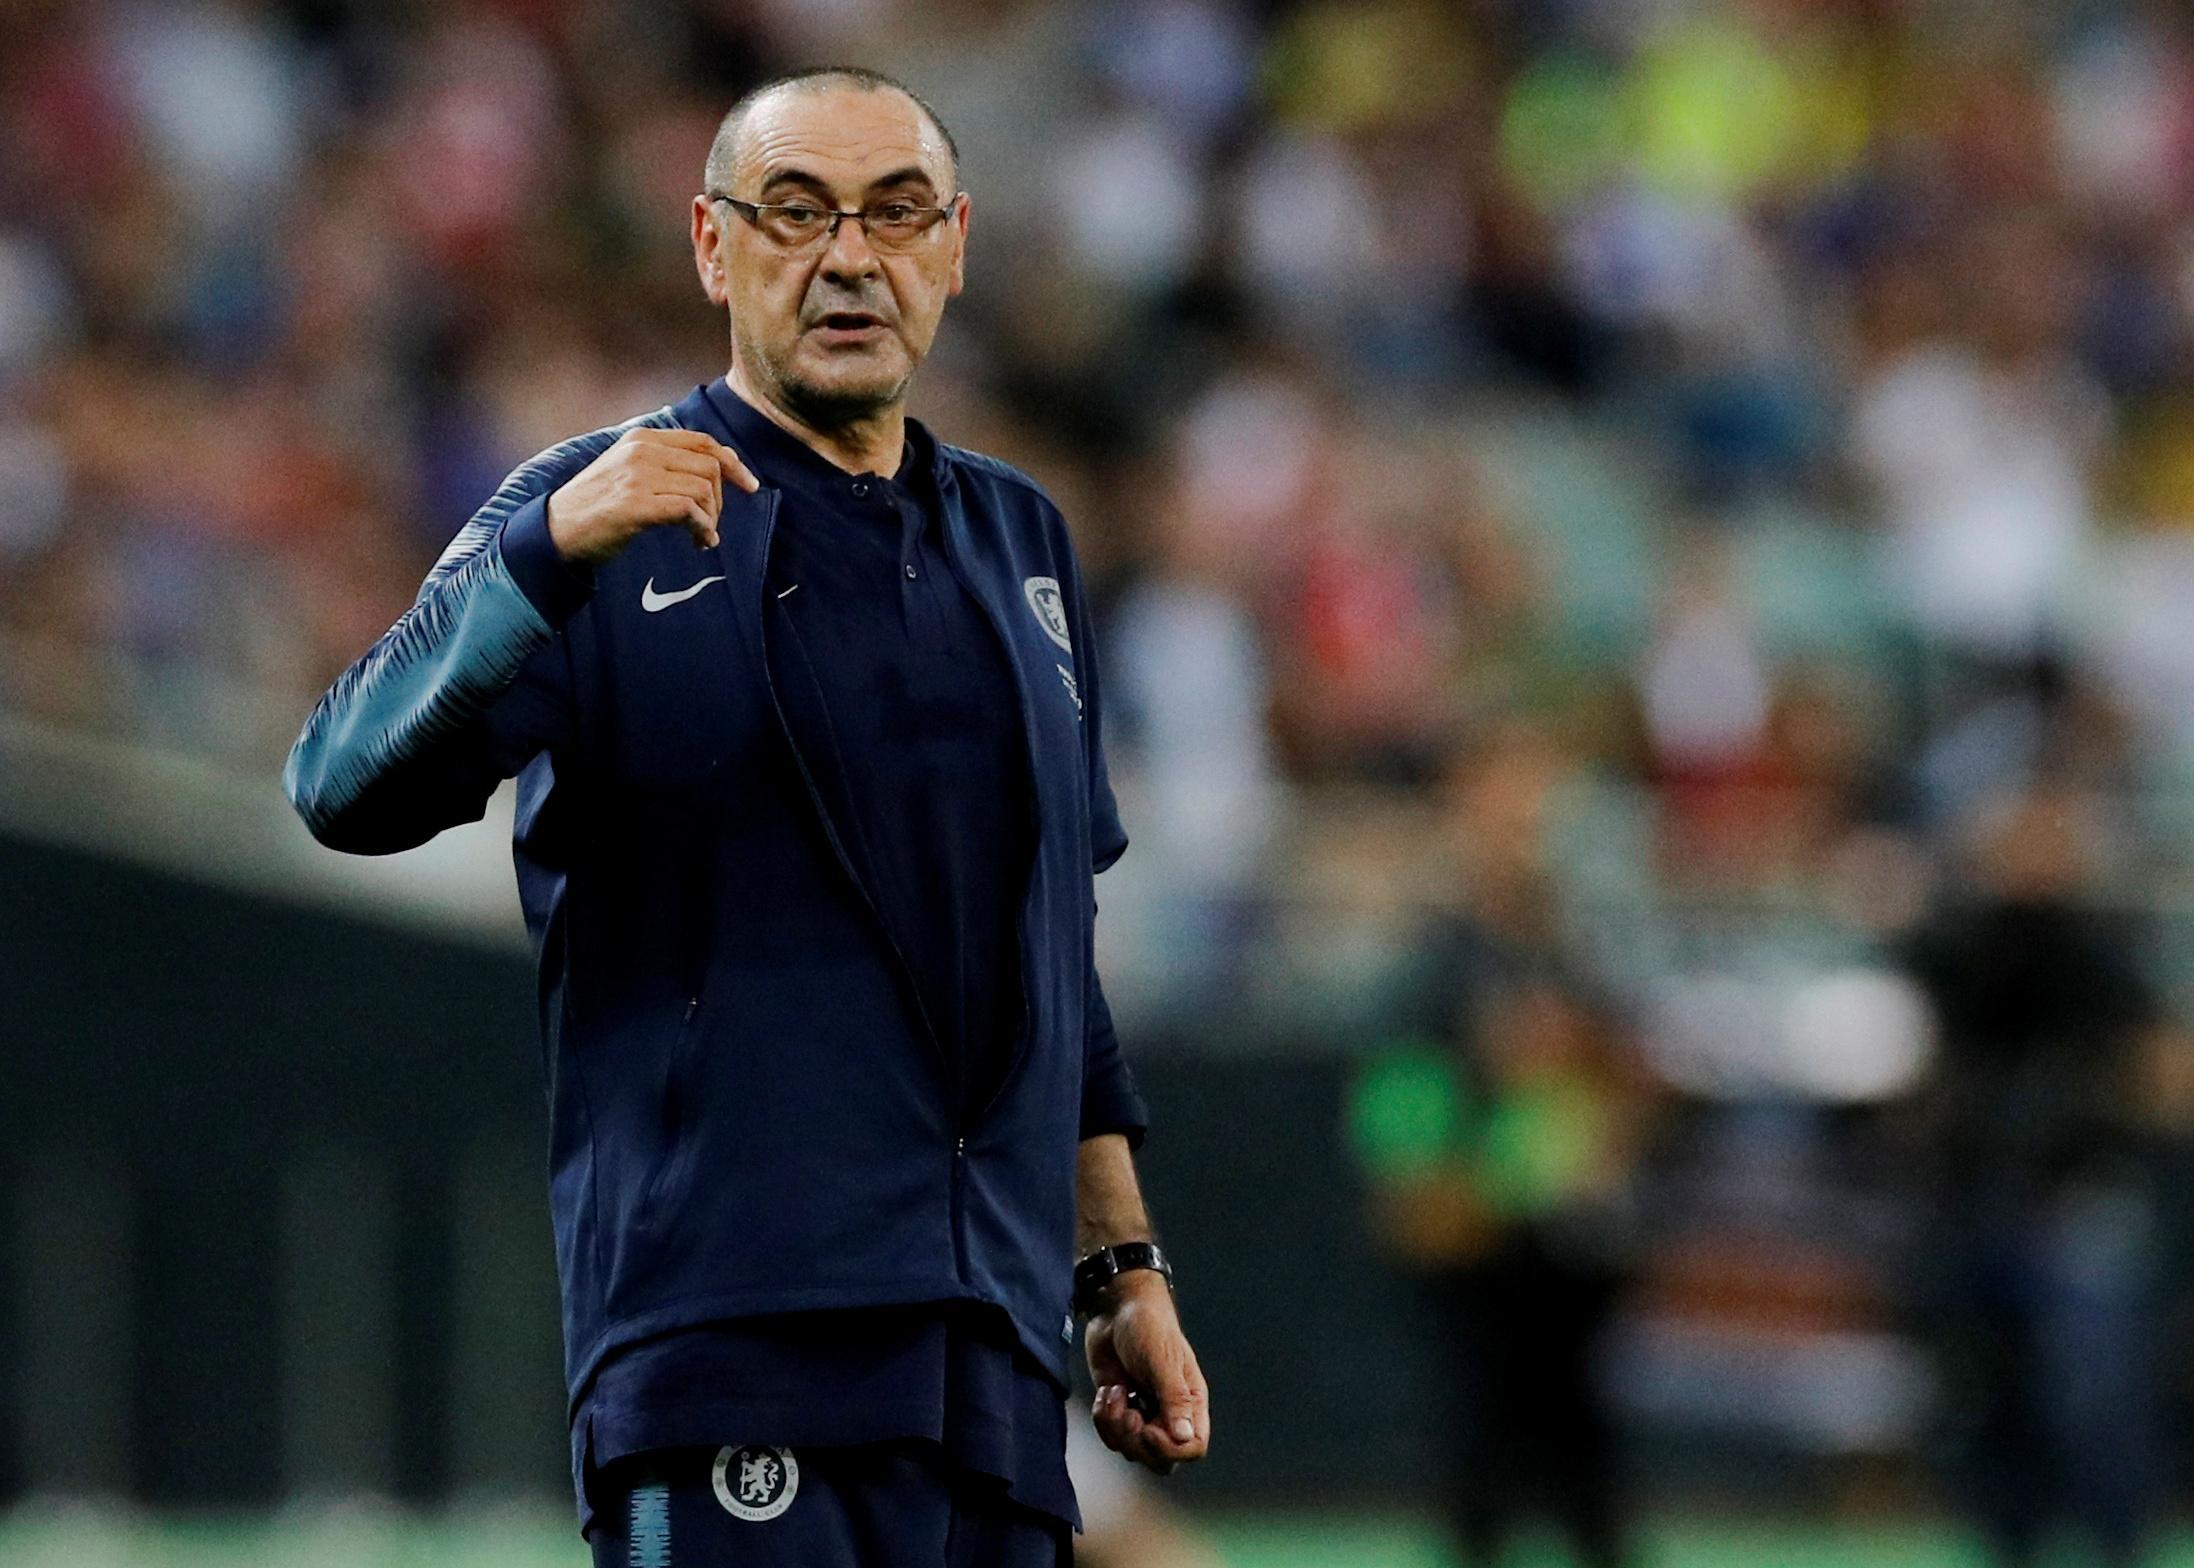 Sarri returns to Italy to coach Juventus